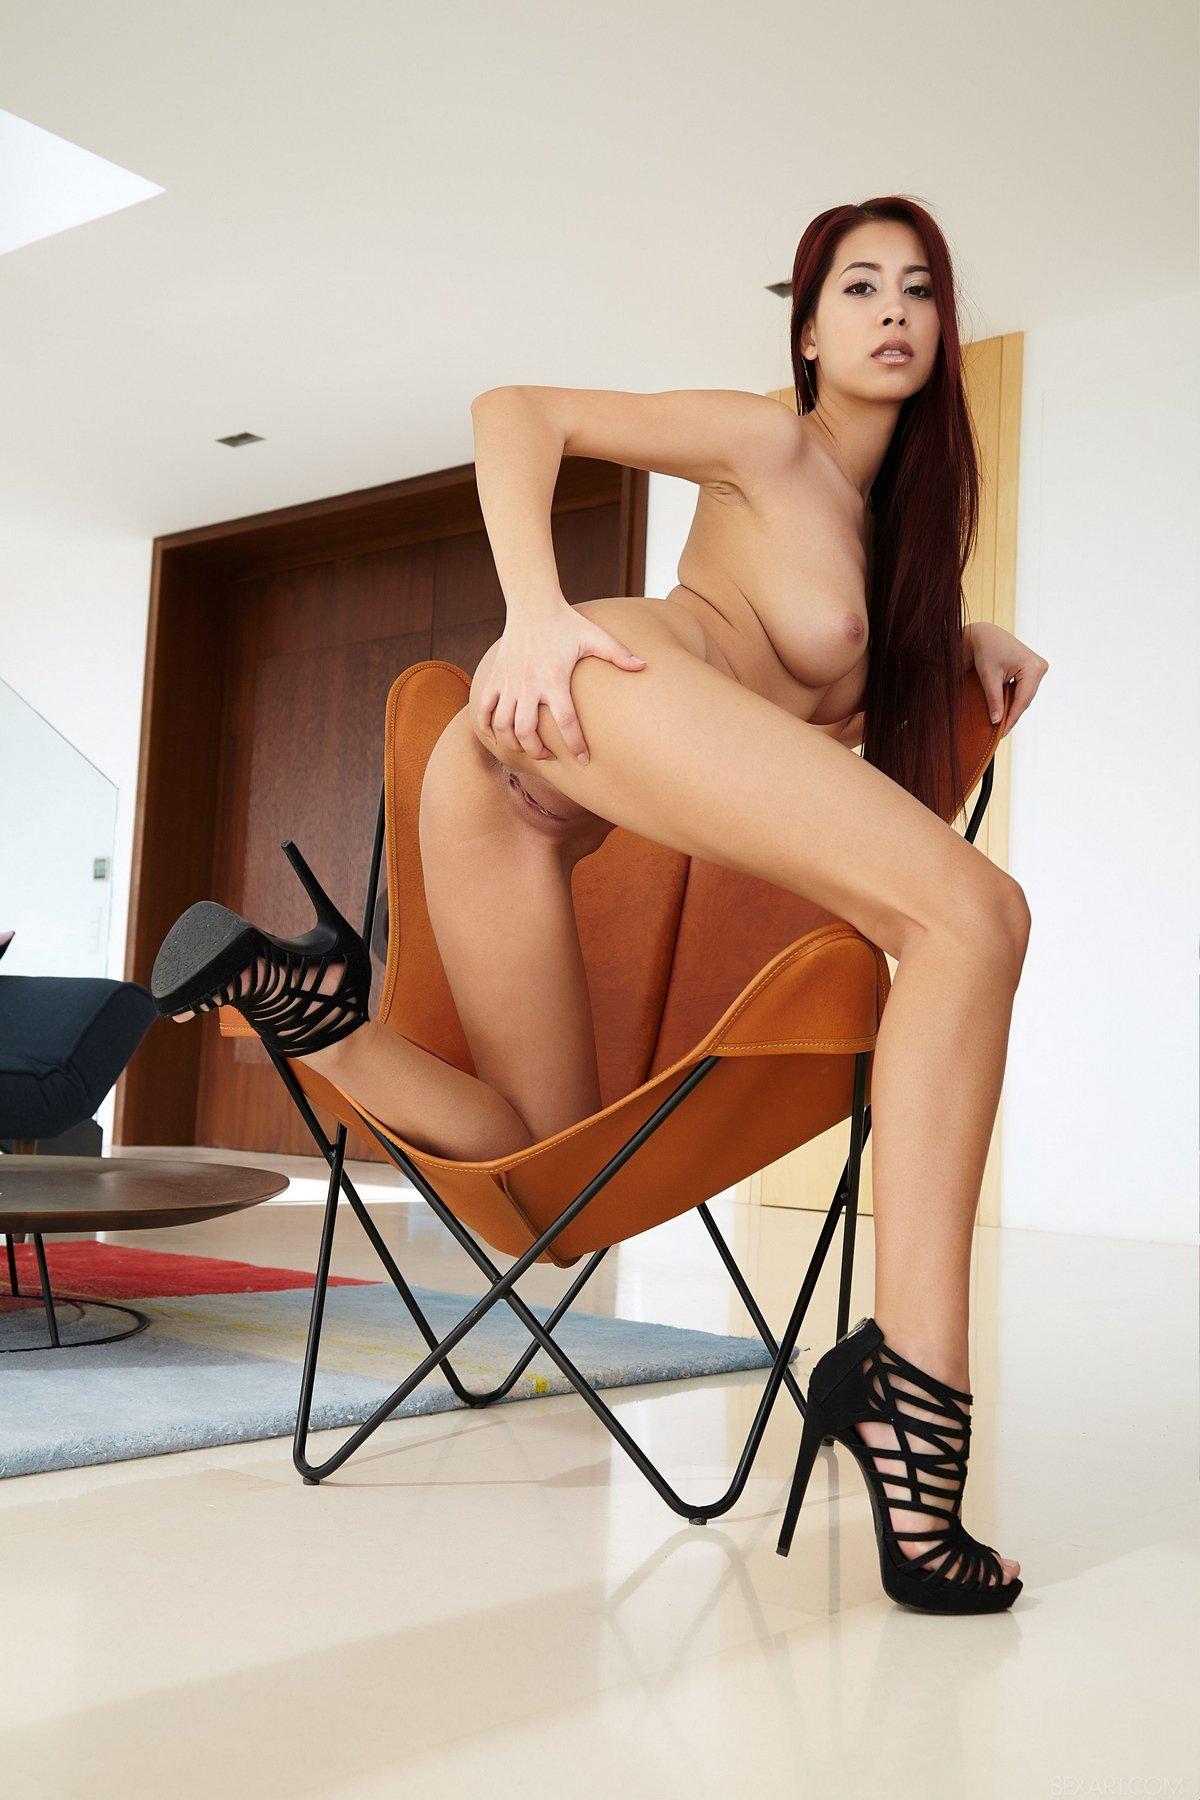 Возбужденная Paula Shy задирает бритые ножки смотреть эротику